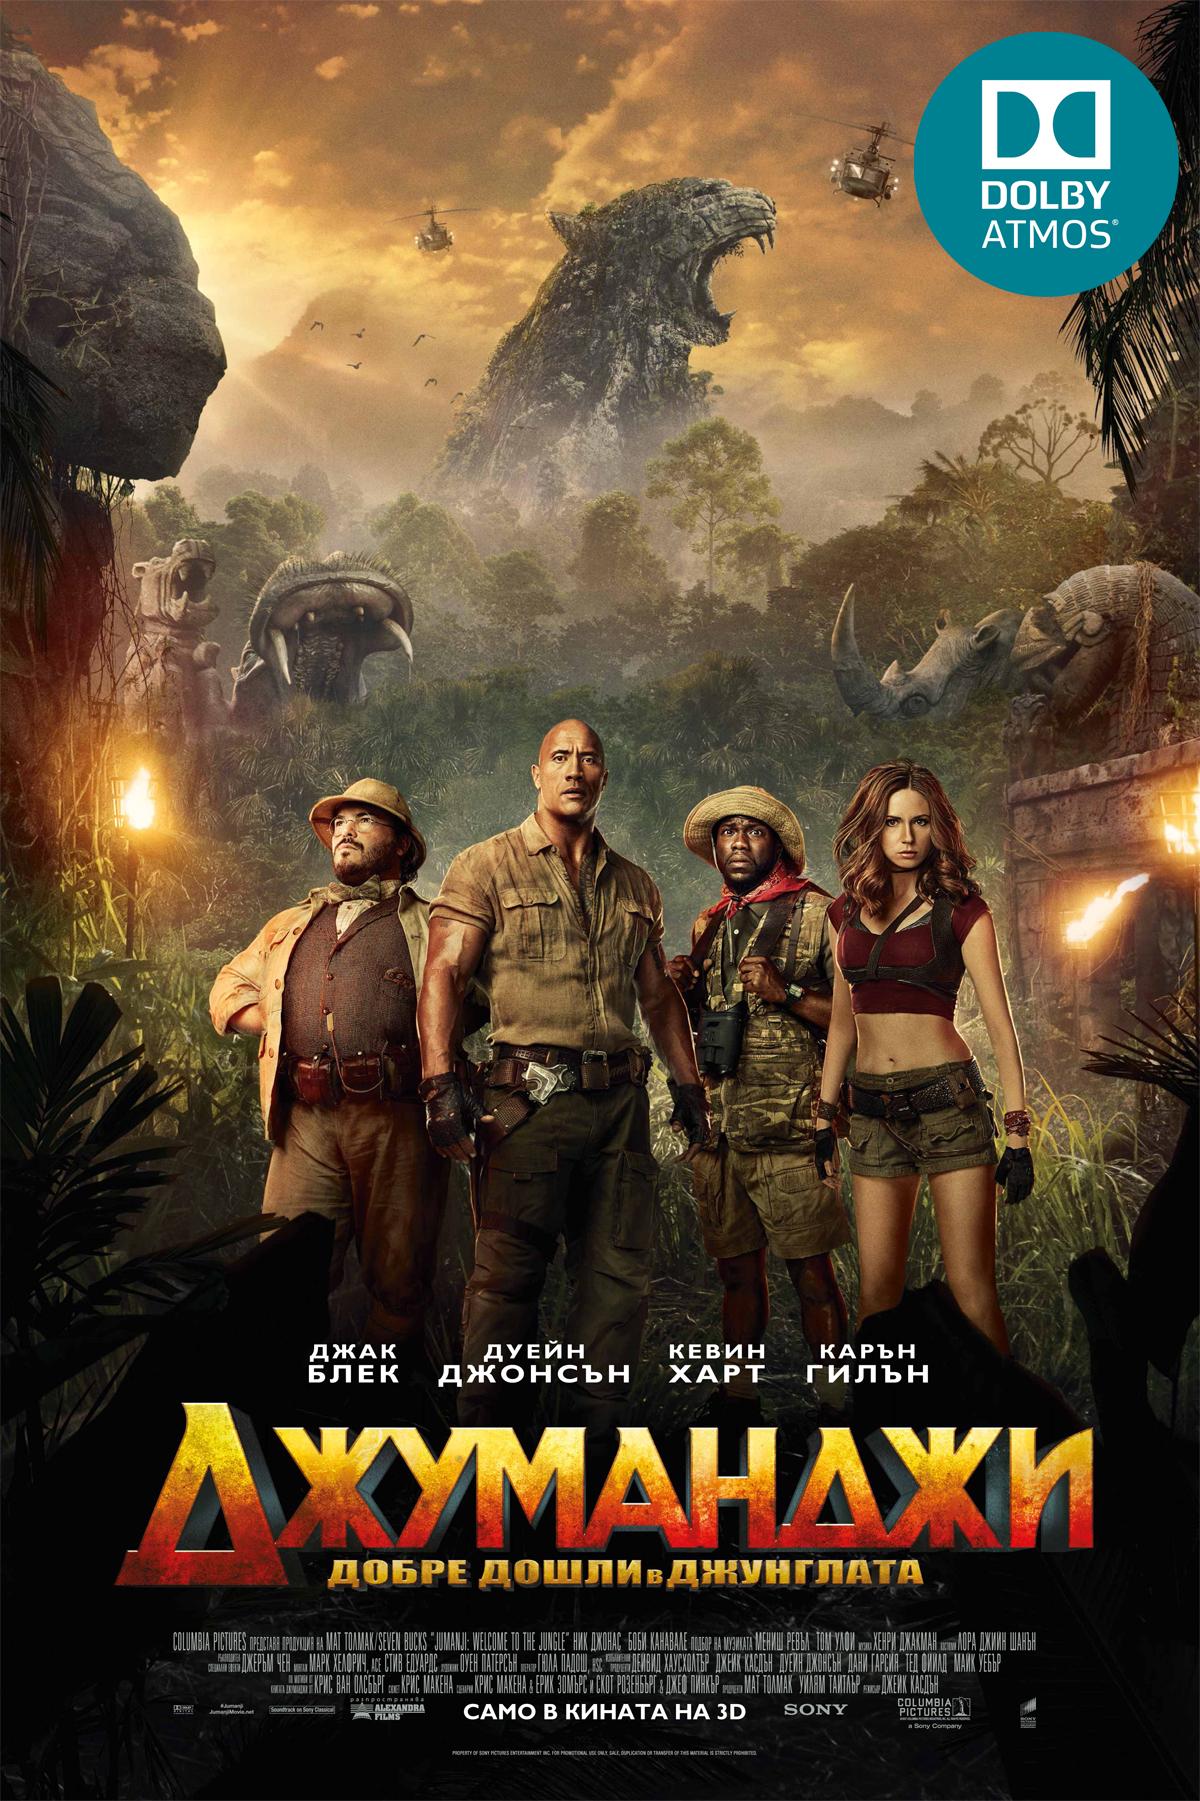 Джуманджи: Добре дошли в джунглата RealD 3D